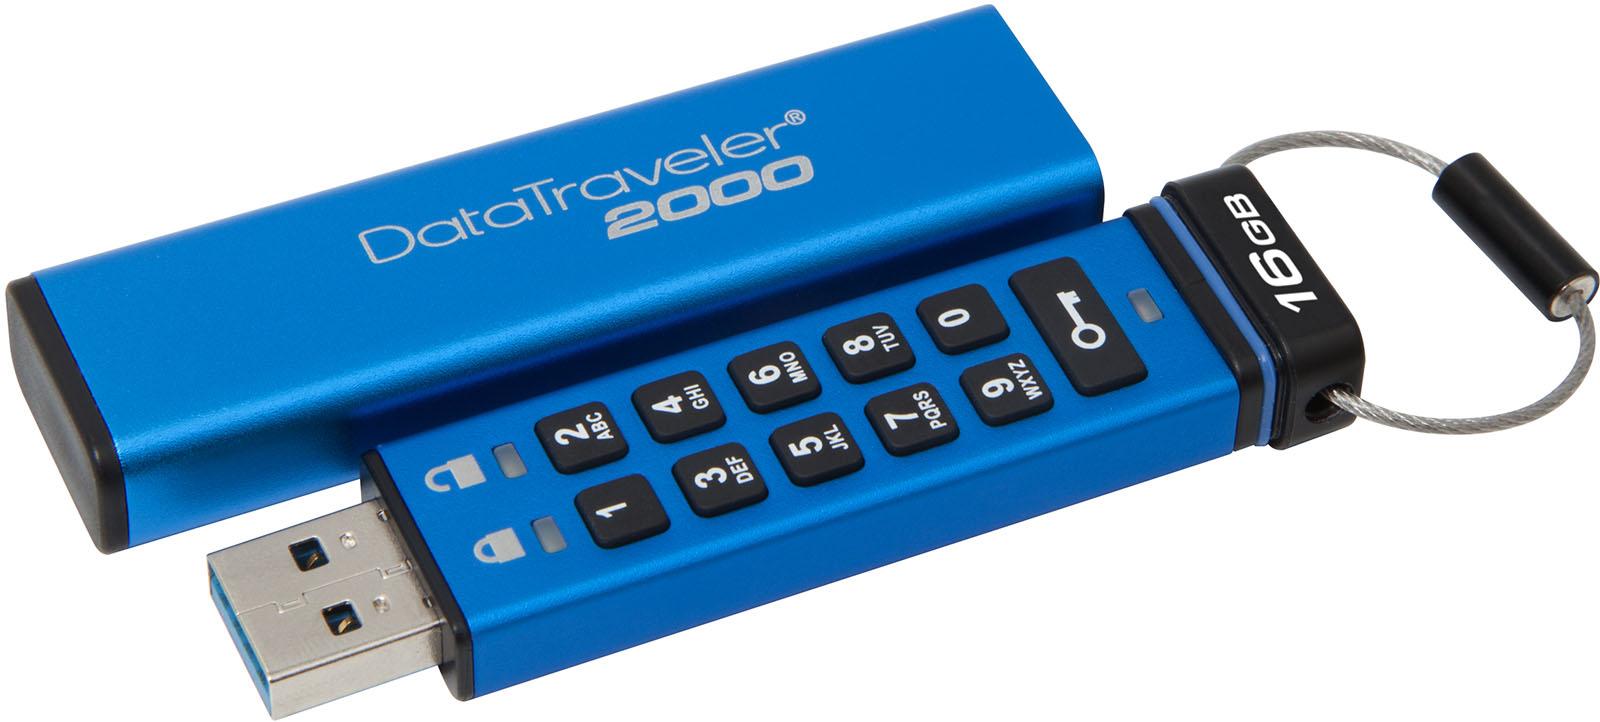 Kingston-DataTraveler-2000